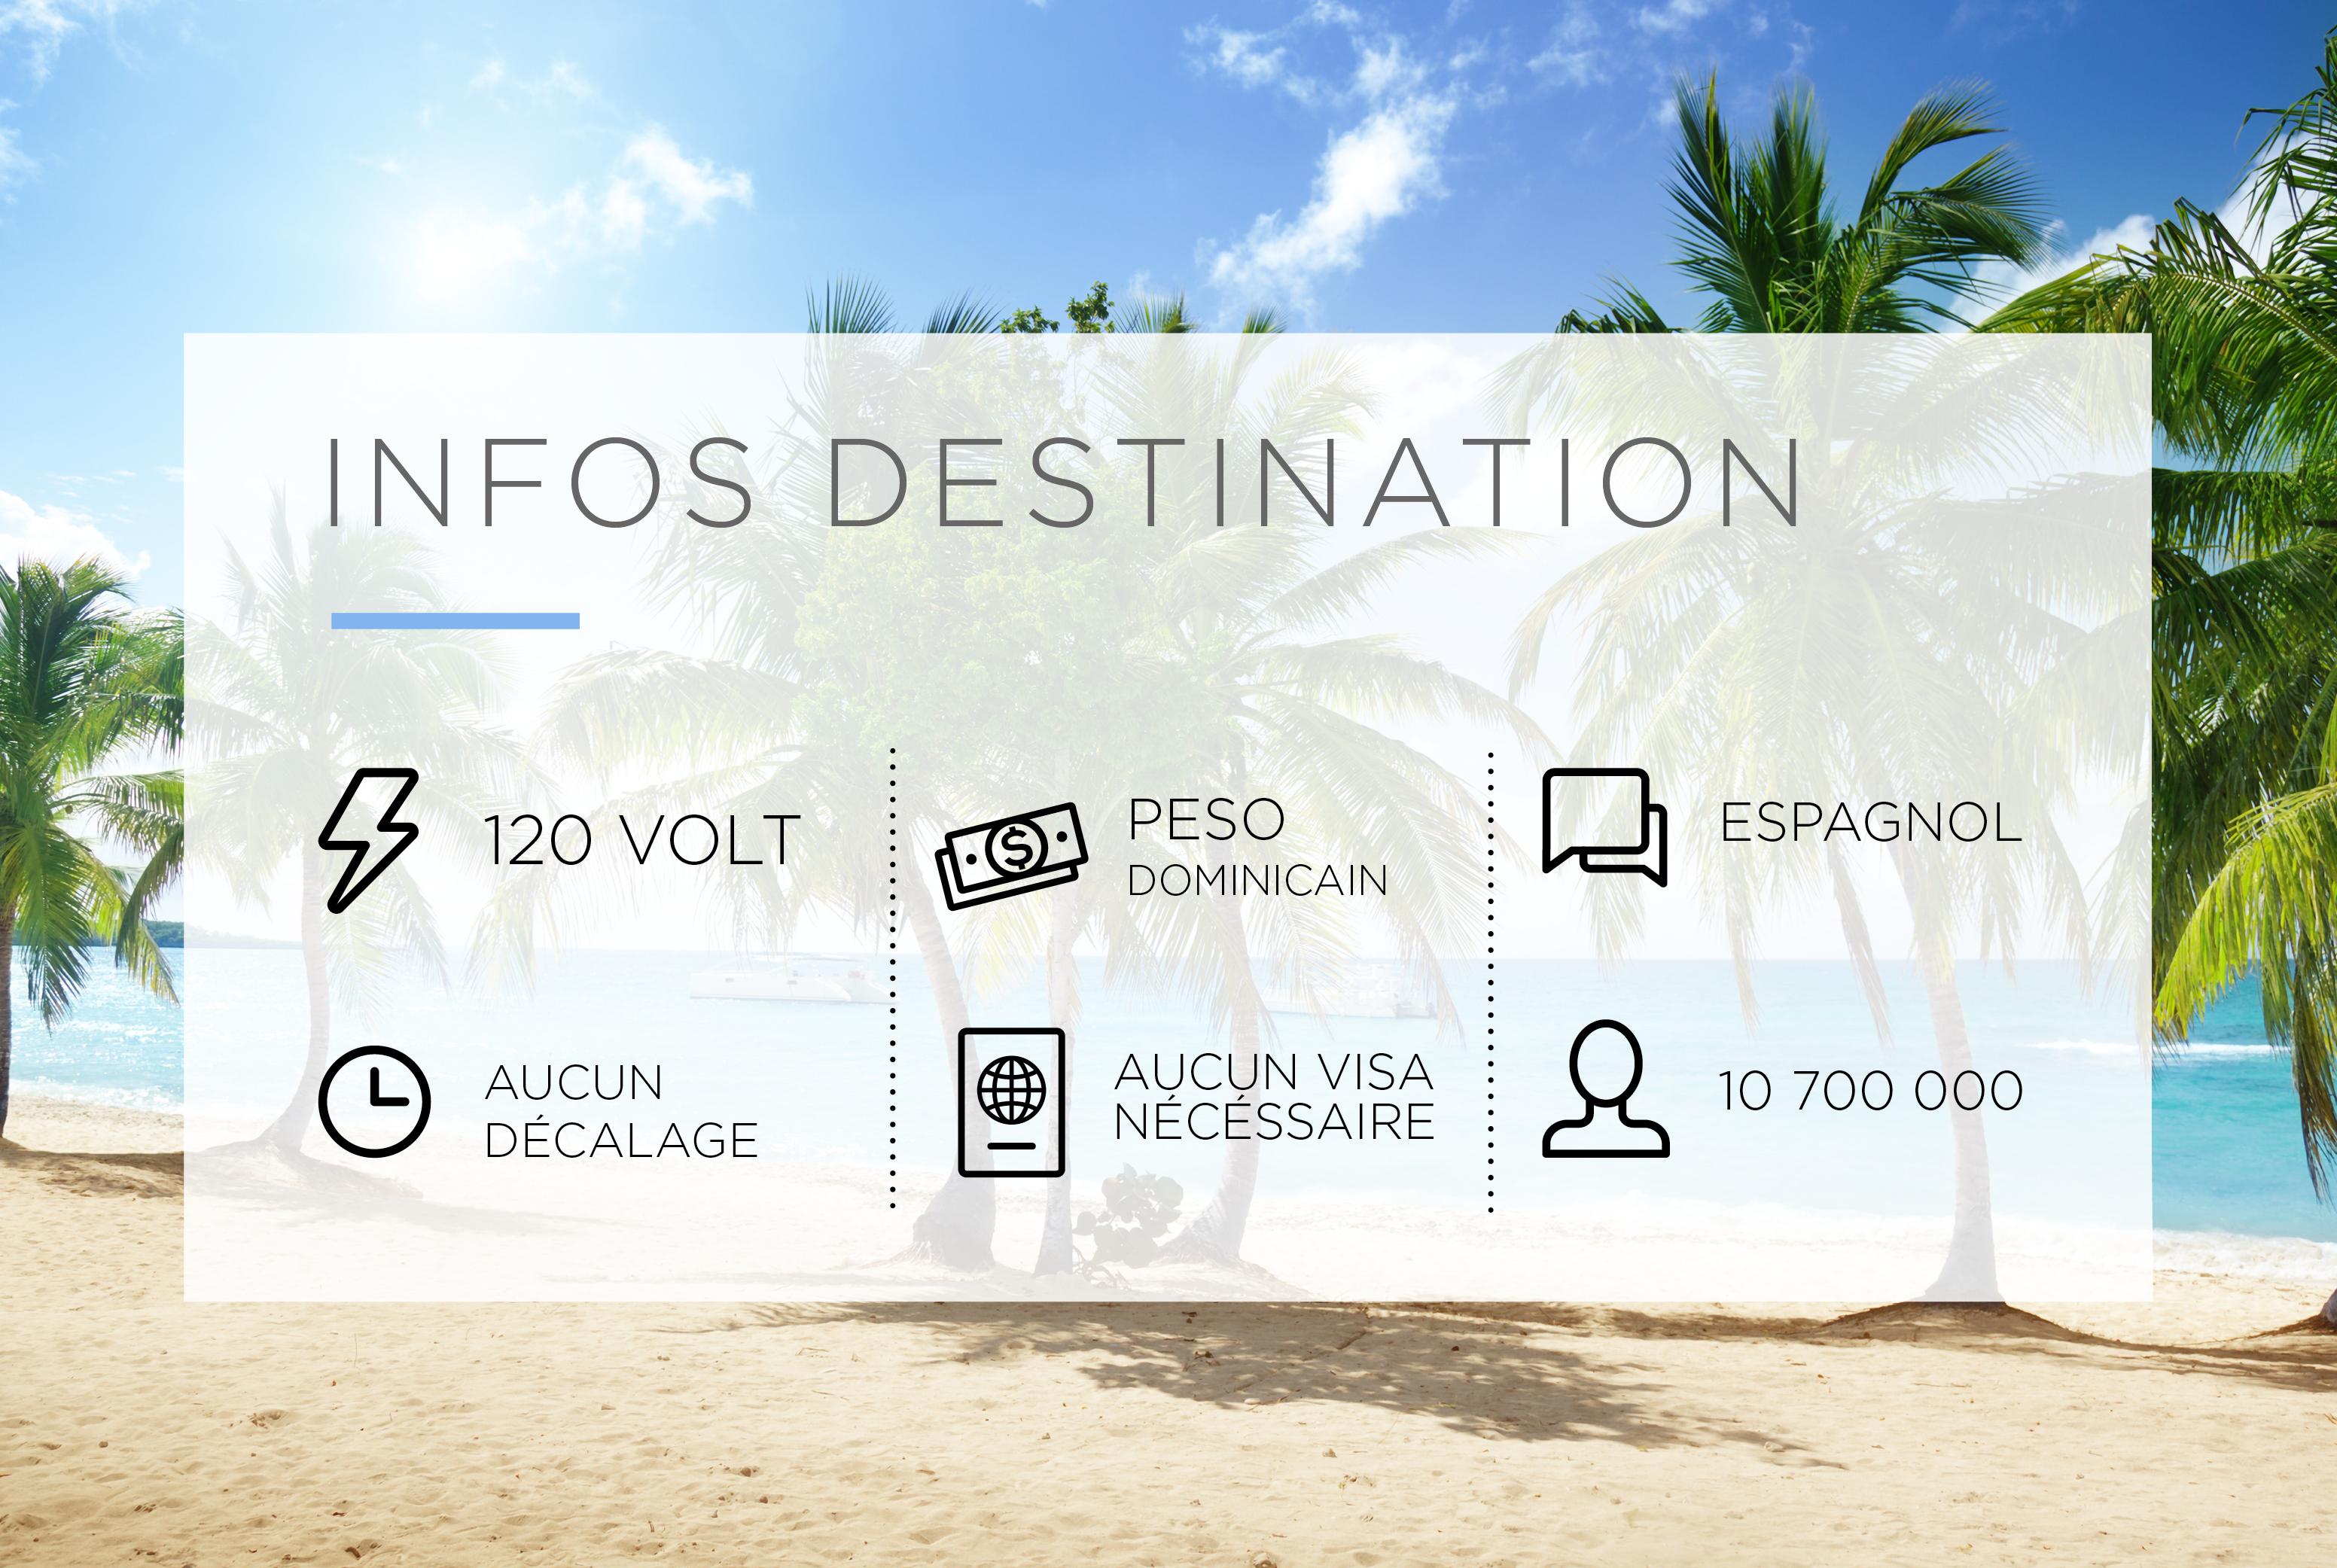 Infos destination Puerto Plata. Électricité: 120 volt. Monnaie: Peso dominicain. Langue: Espagnol. Décalage horaire: aucun. Exigences d'entrée: aucun visa nécessaire. Population: 10 700 000.